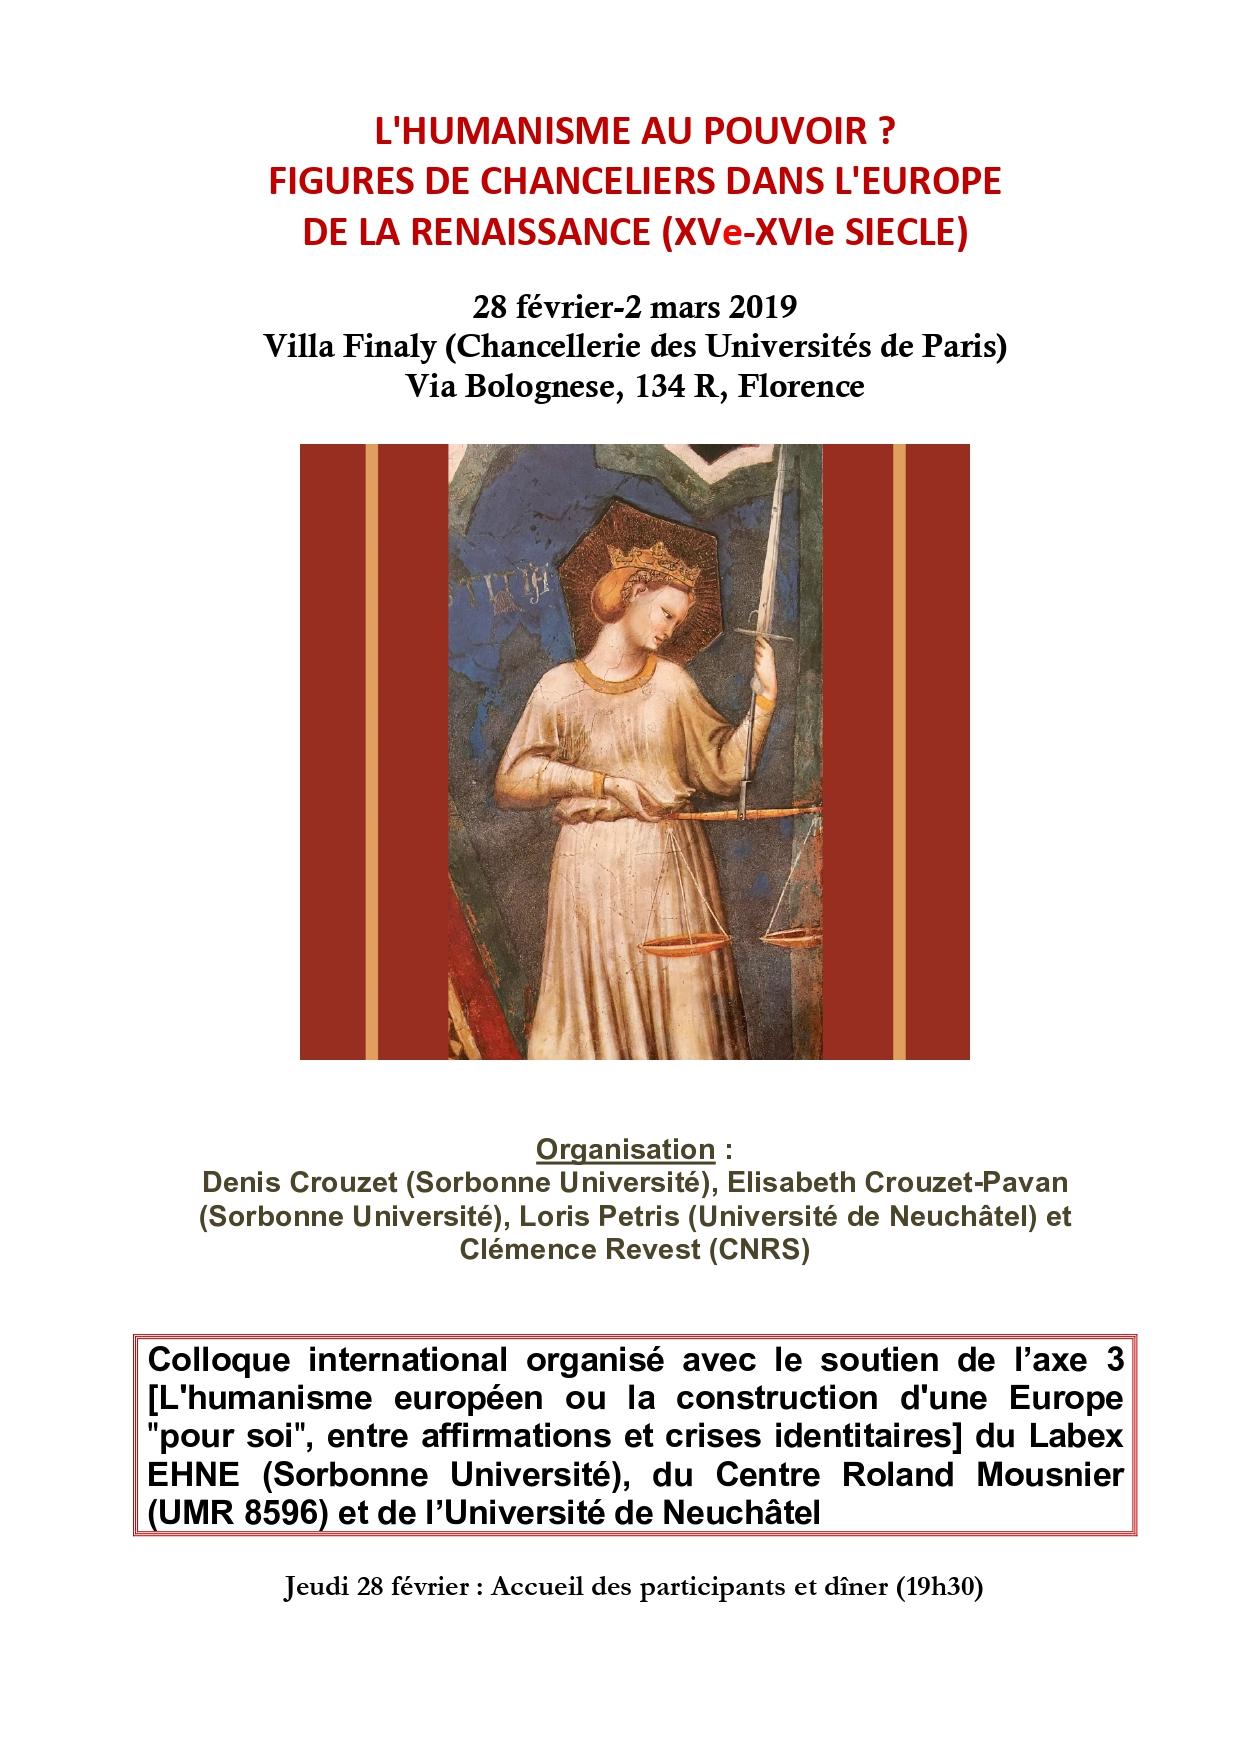 Programme Humanisme au pouvoir - feěvrier-mars 2019(1)_pages-to-jpg-0001